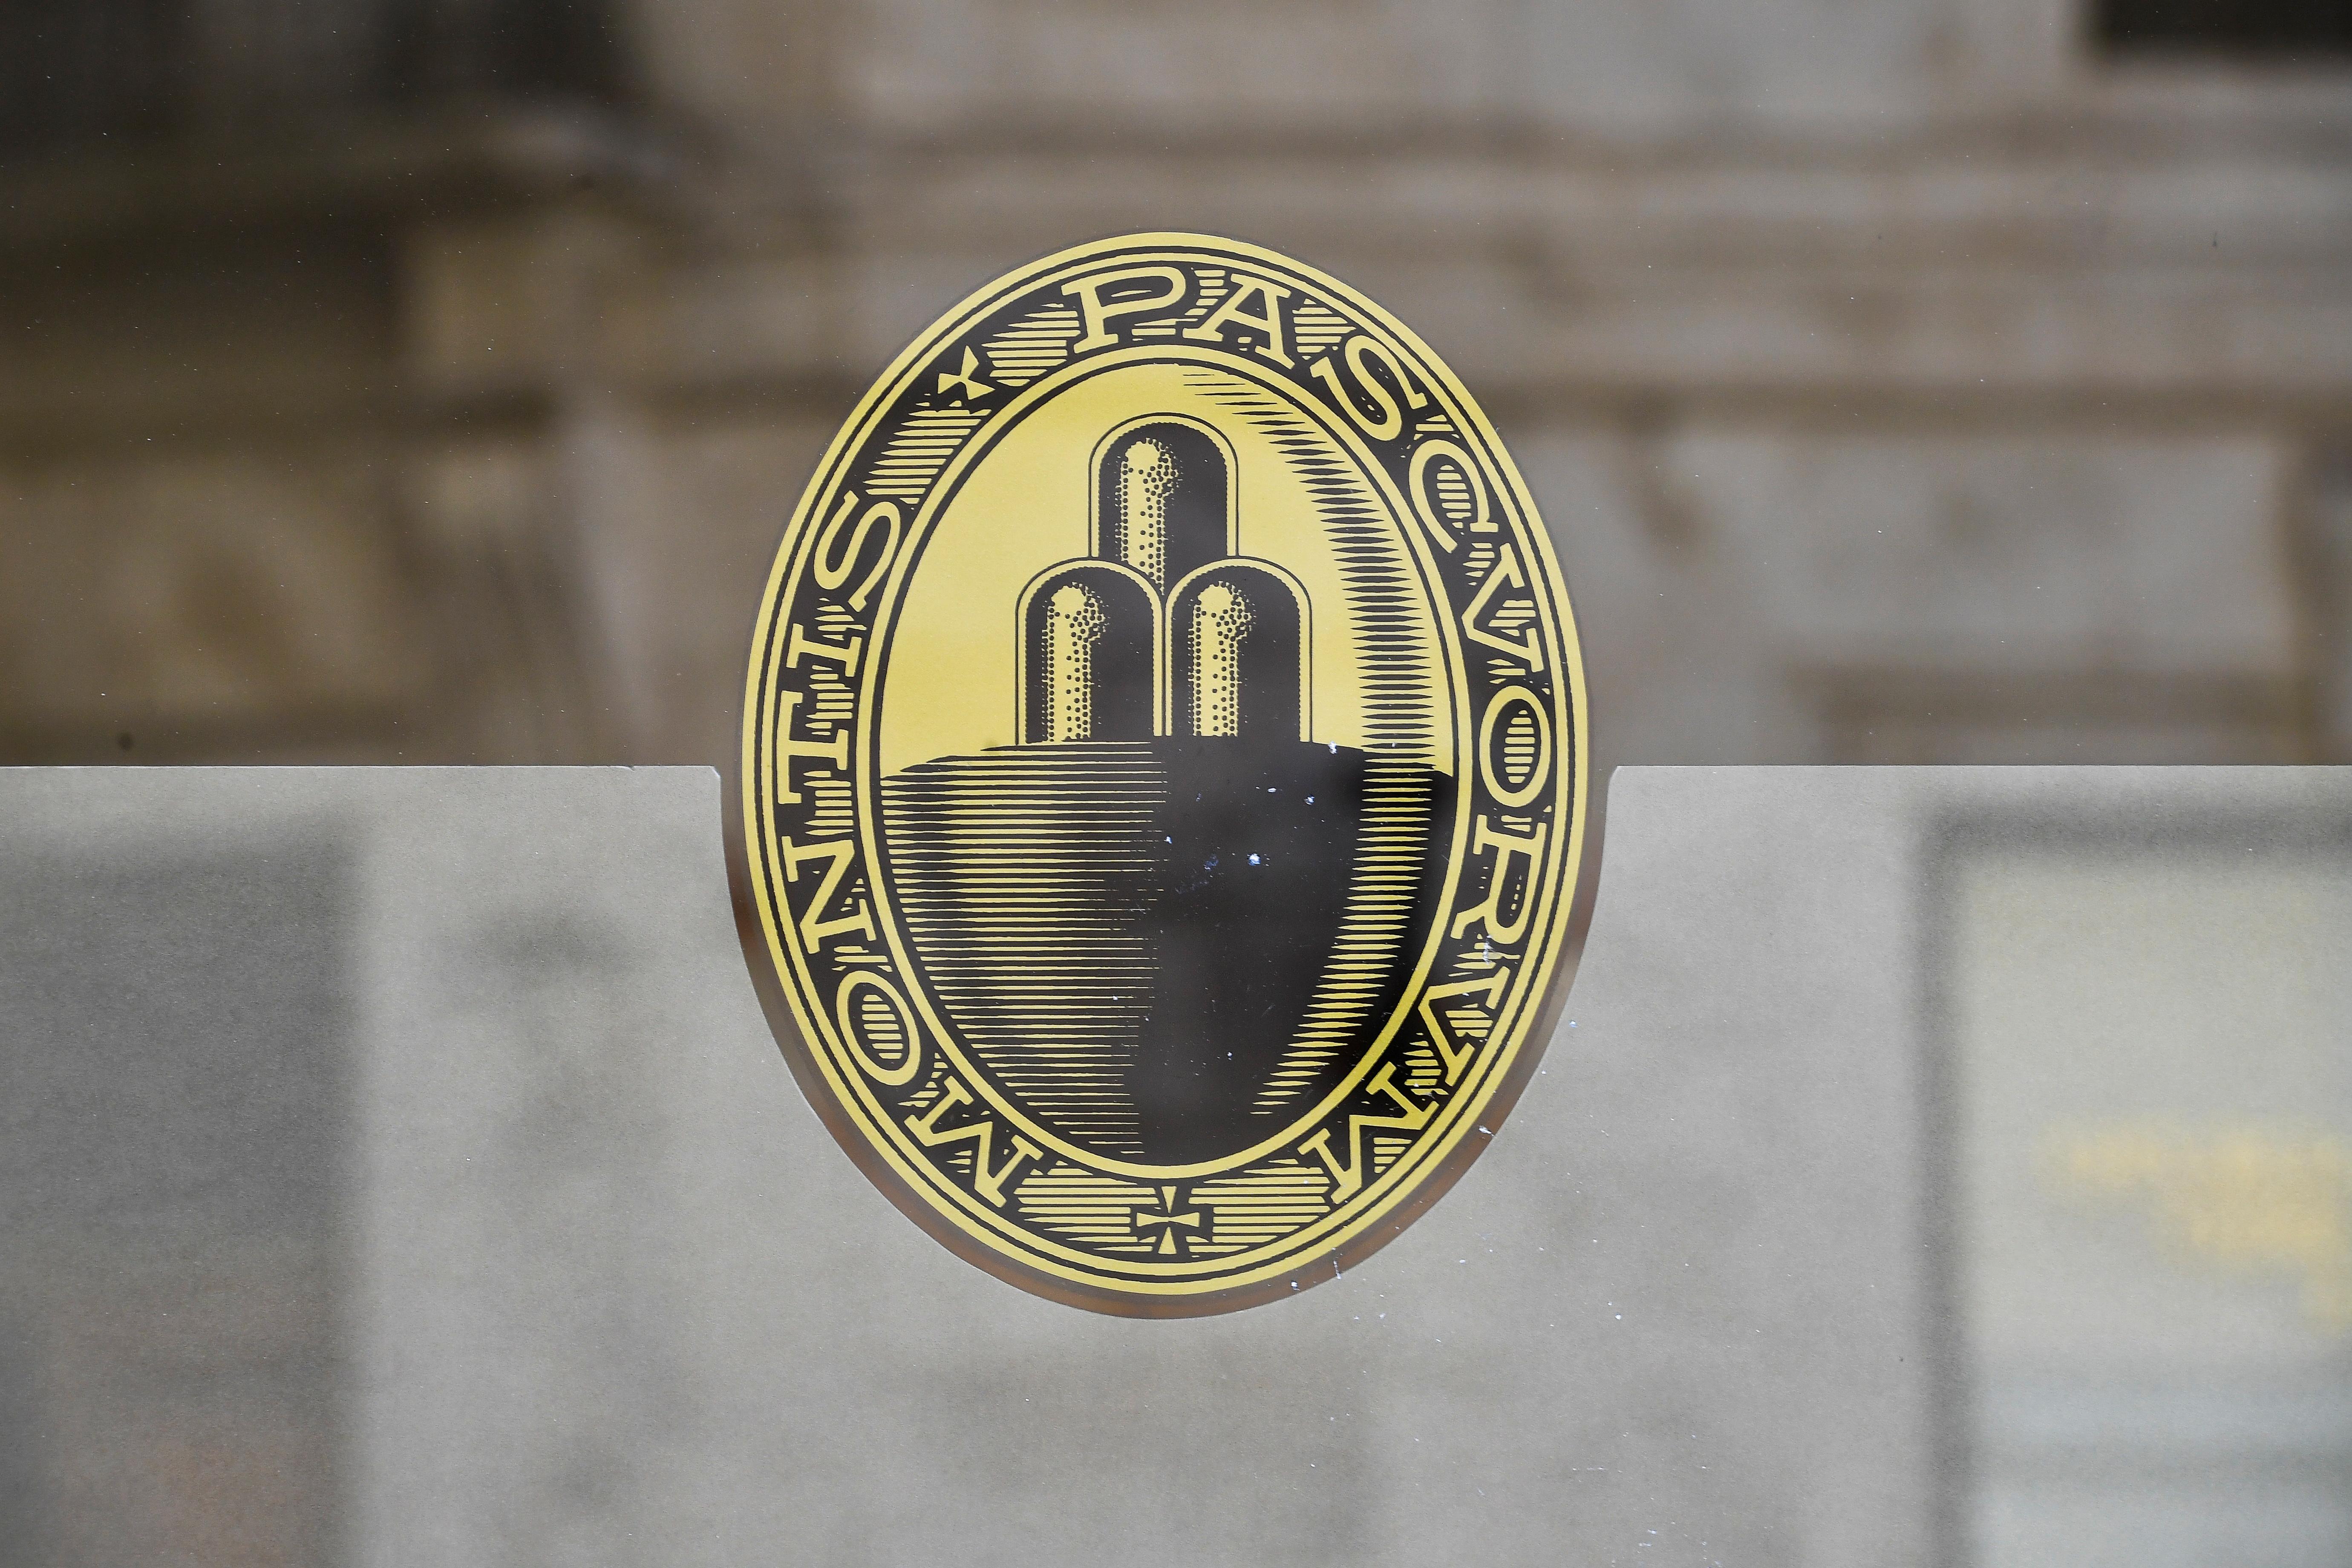 Άποψη του λογότυπου της Monte dei Paschi di Siena (MPS), της παλαιότερης τράπεζας στον κόσμο, η οποία αντιμετωπίζει μαζικές απολύσεις στο πλαίσιο μιας προγραμματισμένης εταιρικής συγχώνευσης, στη Σιένα της Ιταλίας, 11 Αυγούστου 2021. Η φωτογραφία ελήφθη στις 11 Αυγούστου 2021. REUTERS / Jennifer Lorenzini